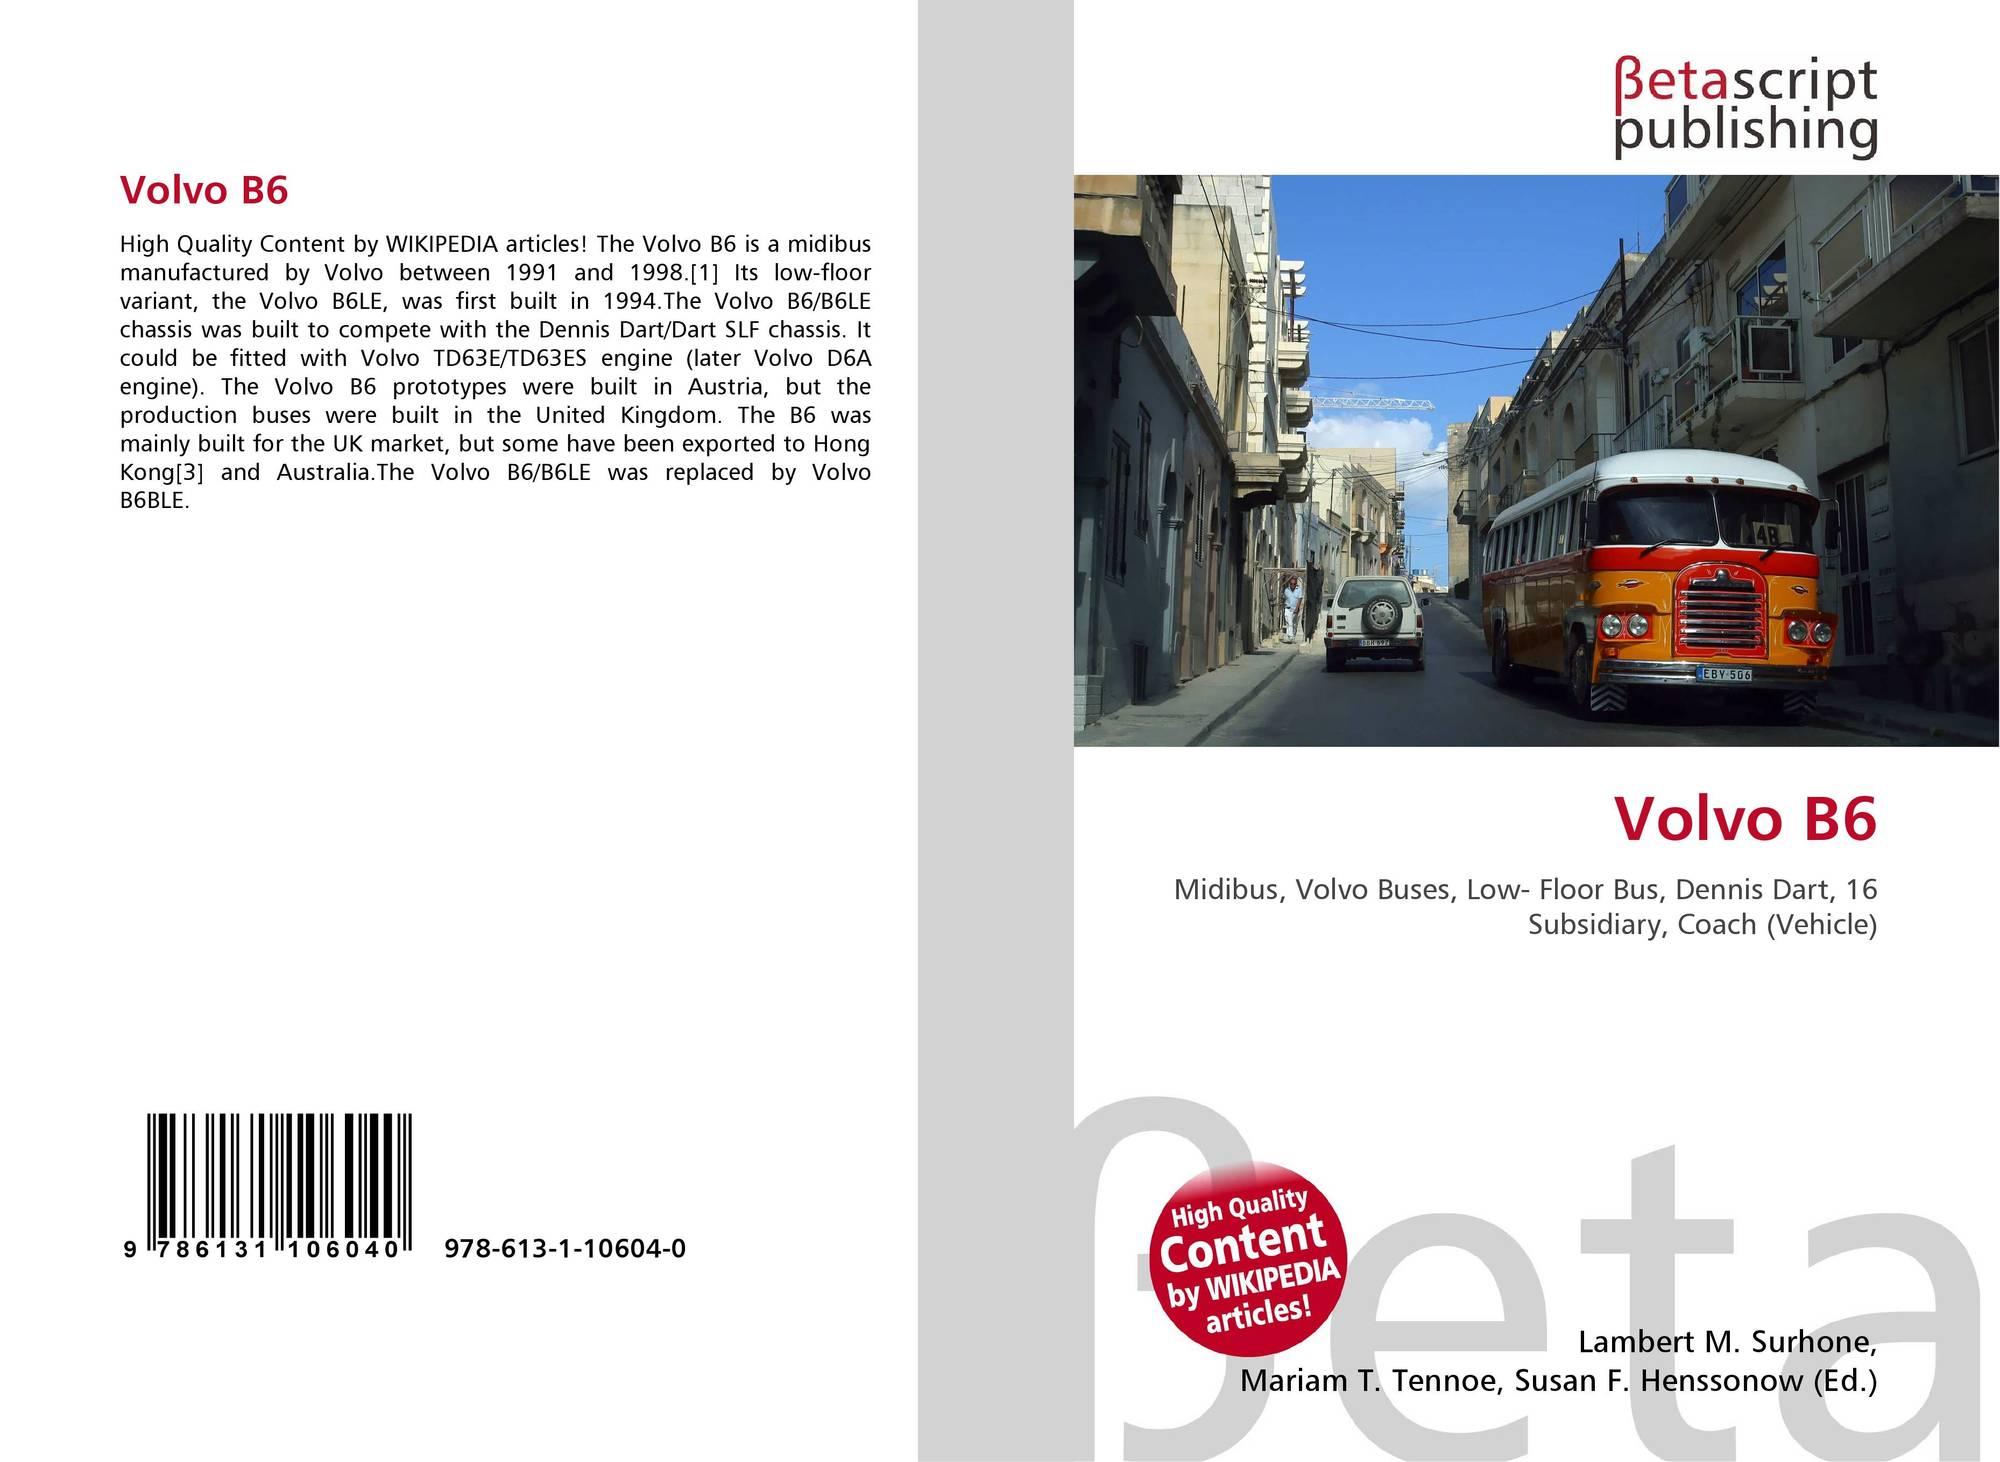 Volvo B6, 978-613-1-10604-0, 6131106045 ,9786131106040